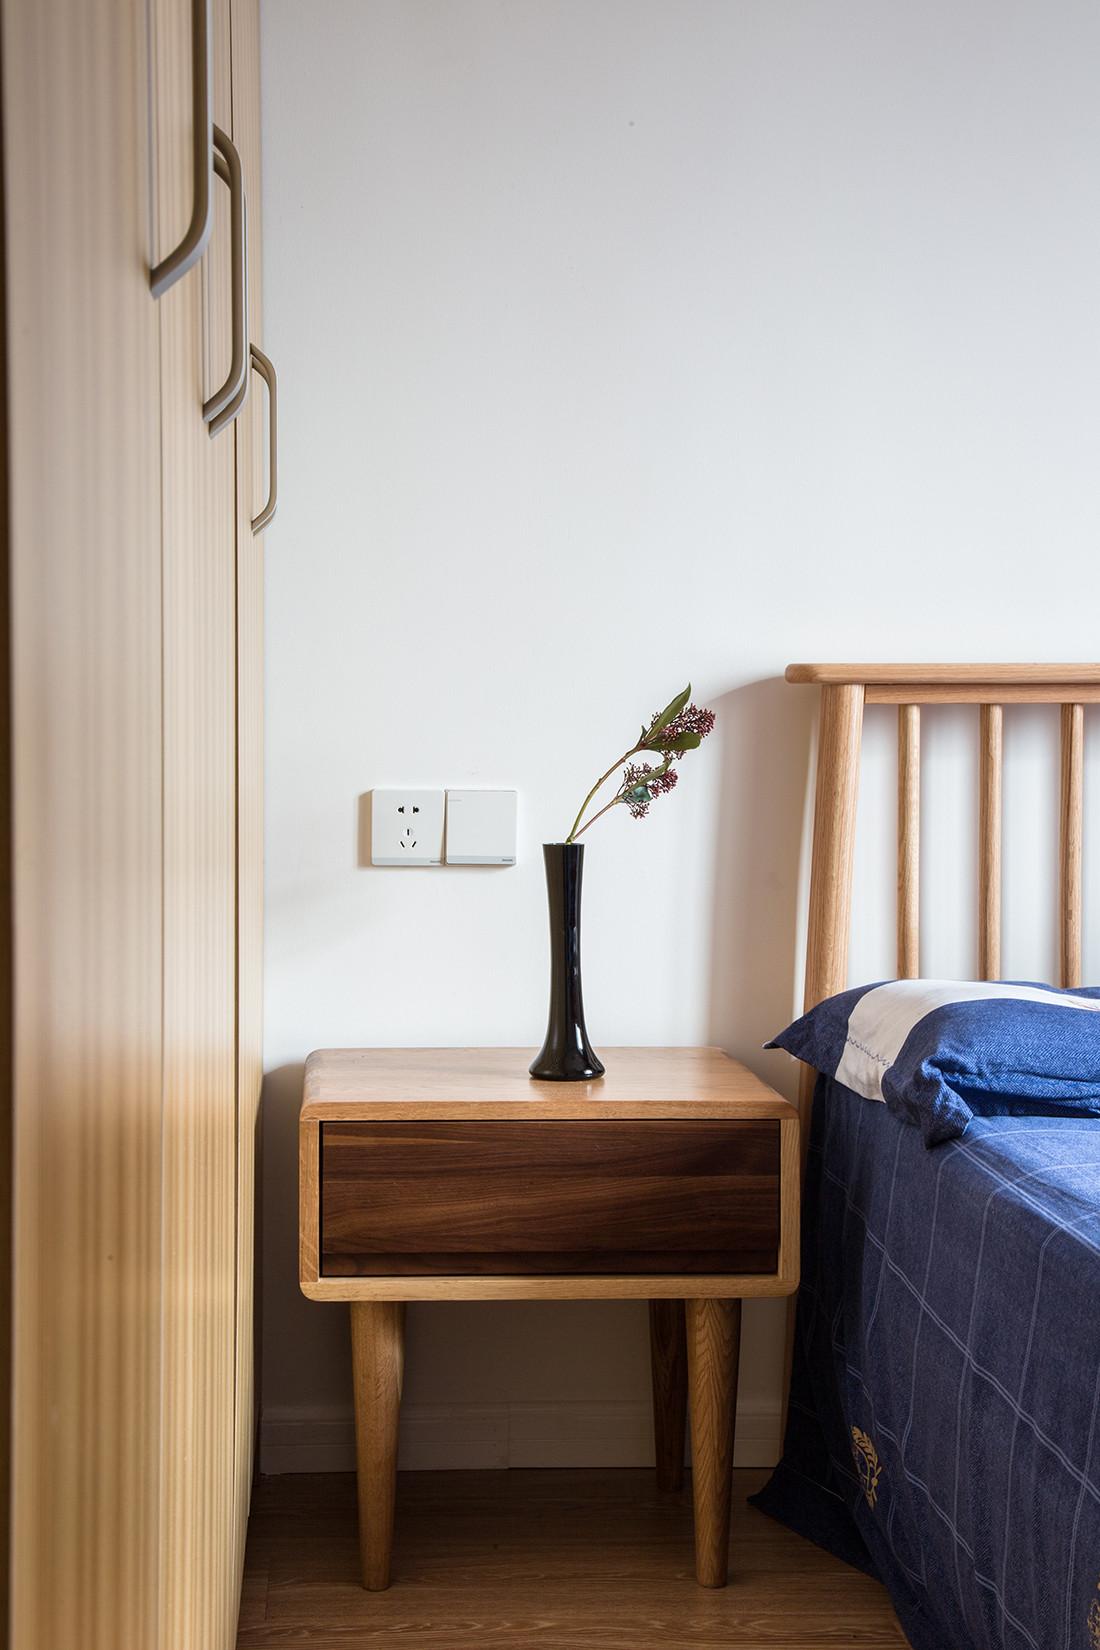 二居室日式风格家床头柜图片